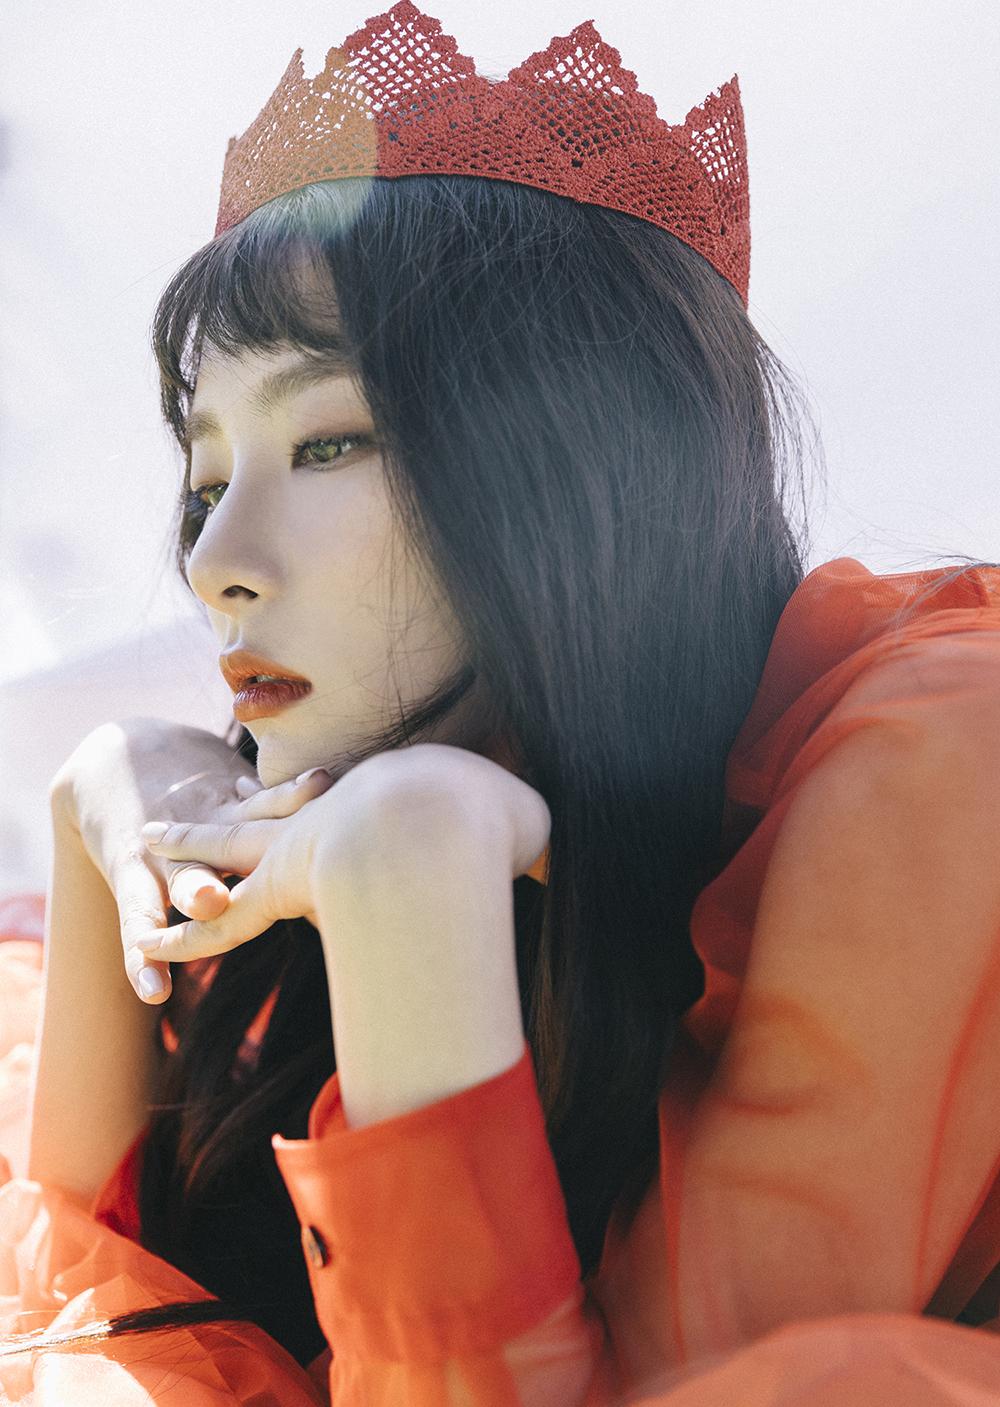 레드벨벳 슬기 티저 이미지1.jpg